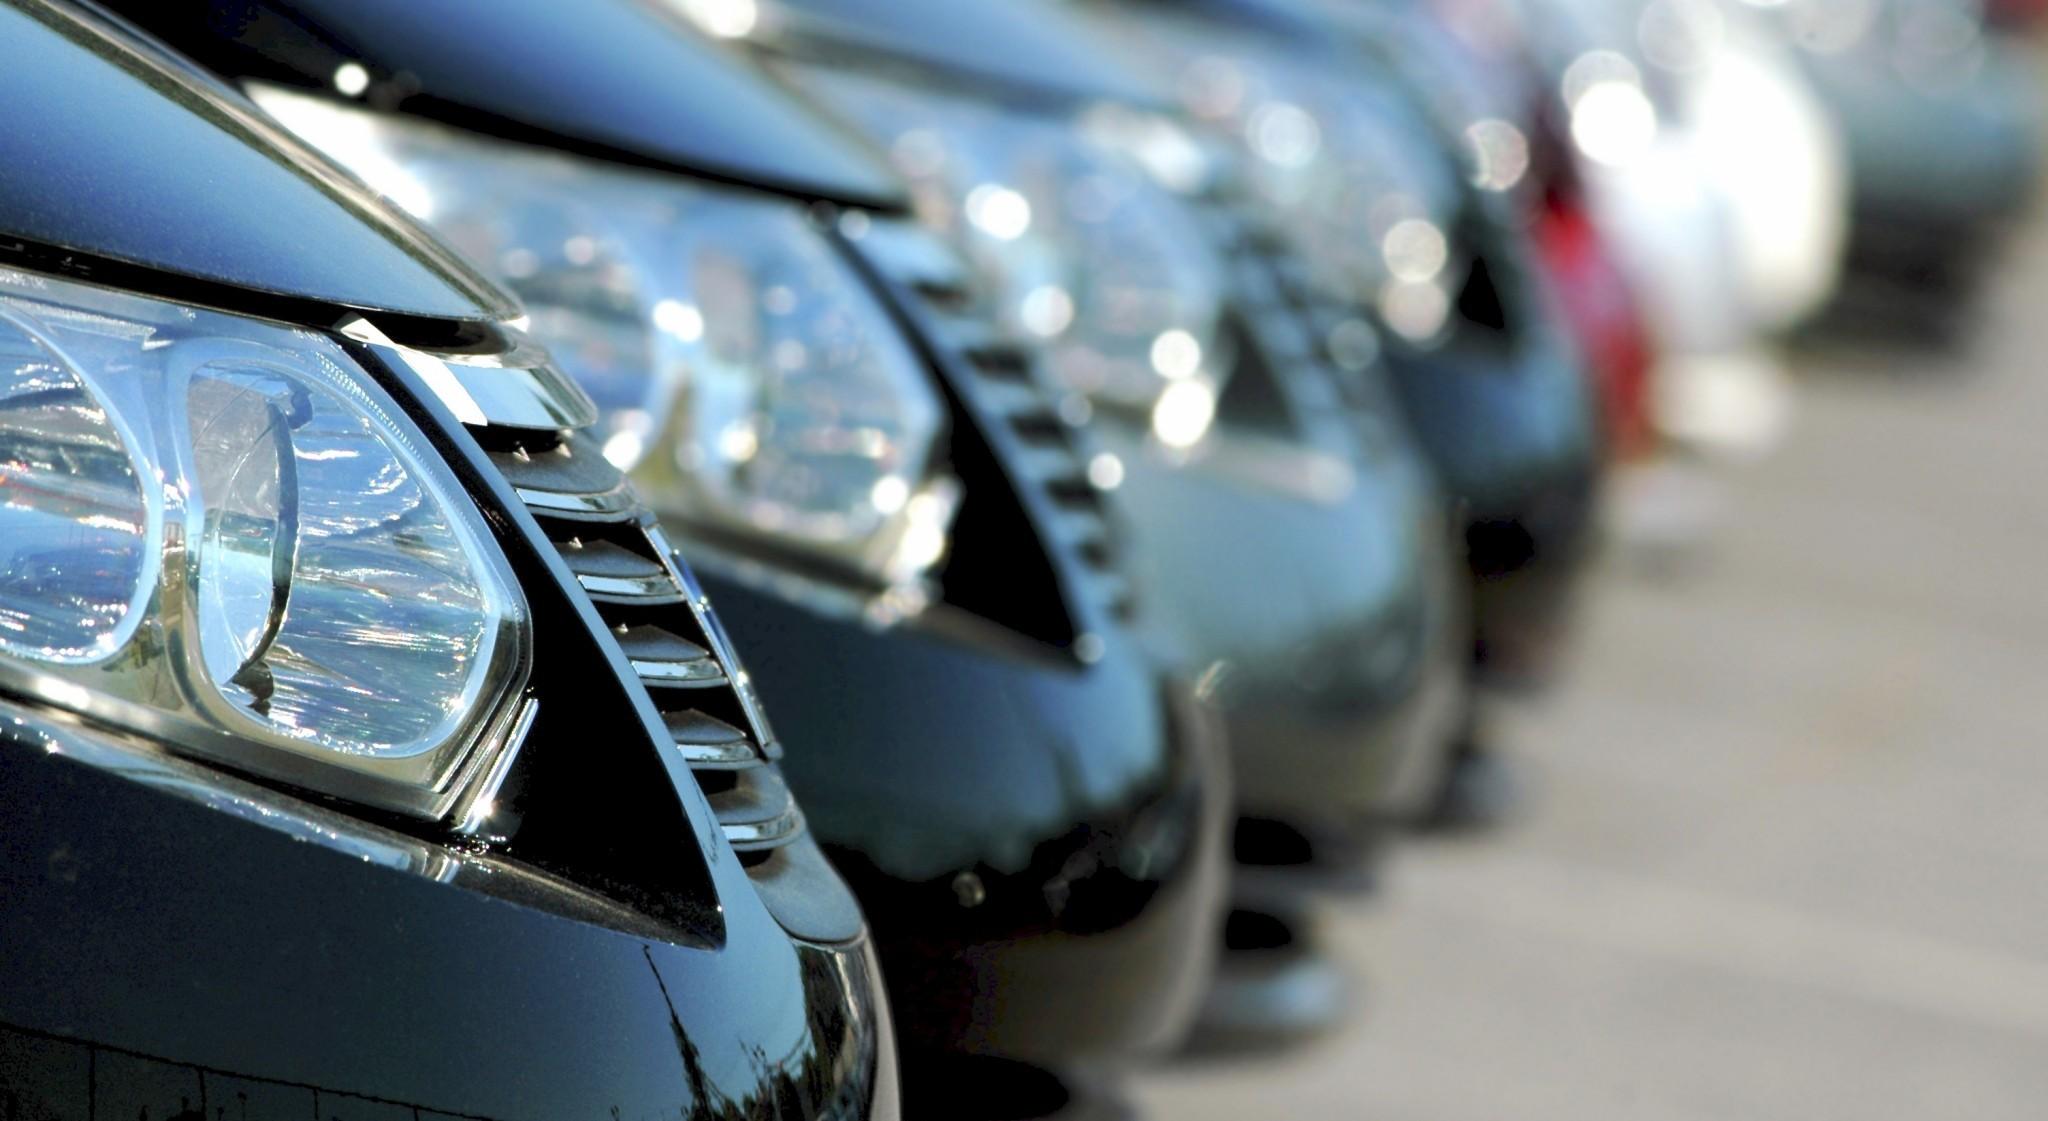 Best Welfare Van Hire In UK Offers Top-notch Services